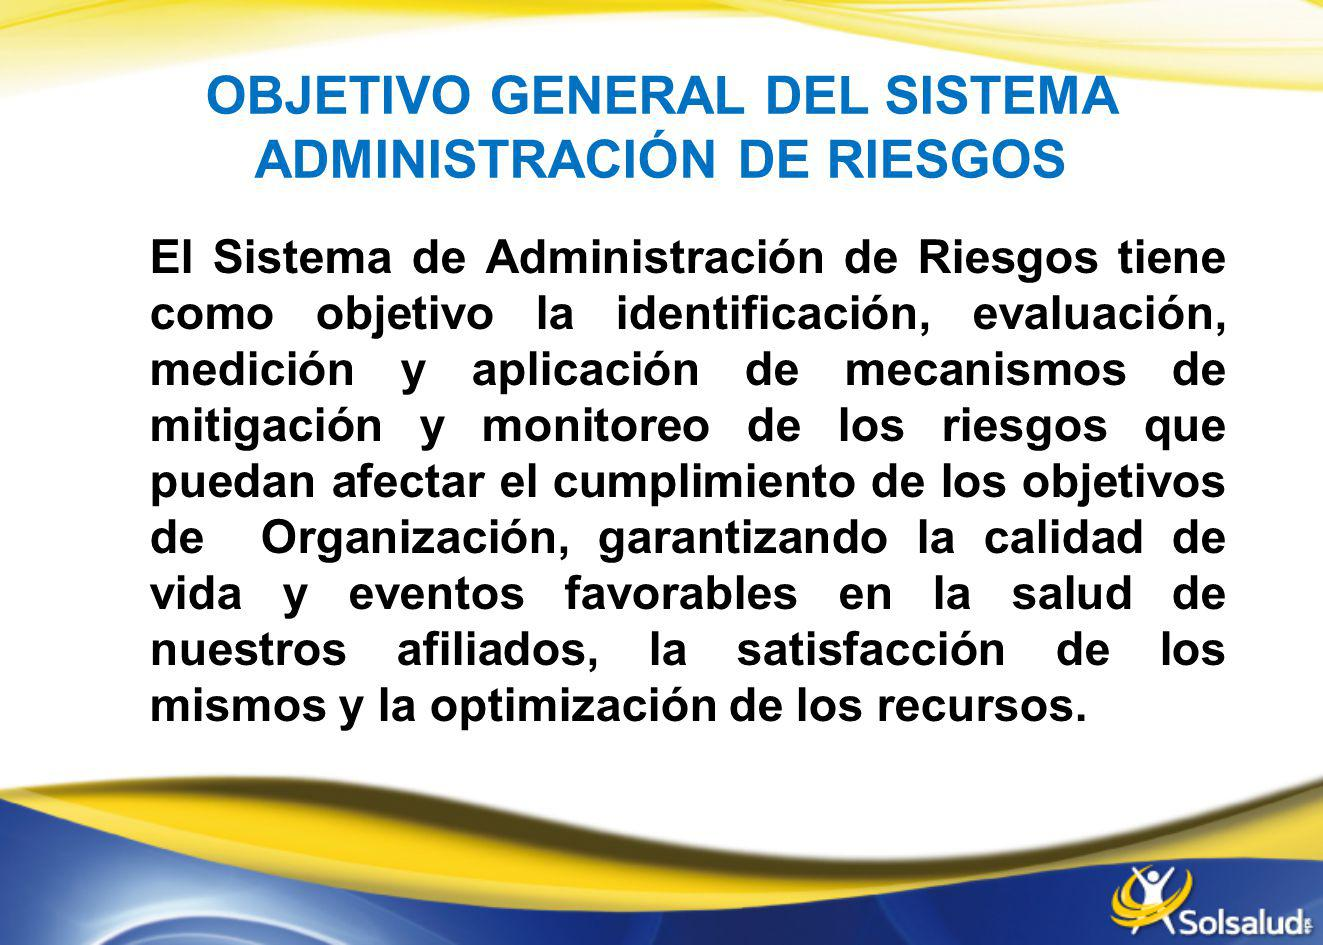 OBJETIVO GENERAL DEL SISTEMA ADMINISTRACIÓN DE RIESGOS El Sistema de Administración de Riesgos tiene como objetivo la identificación, evaluación, medi